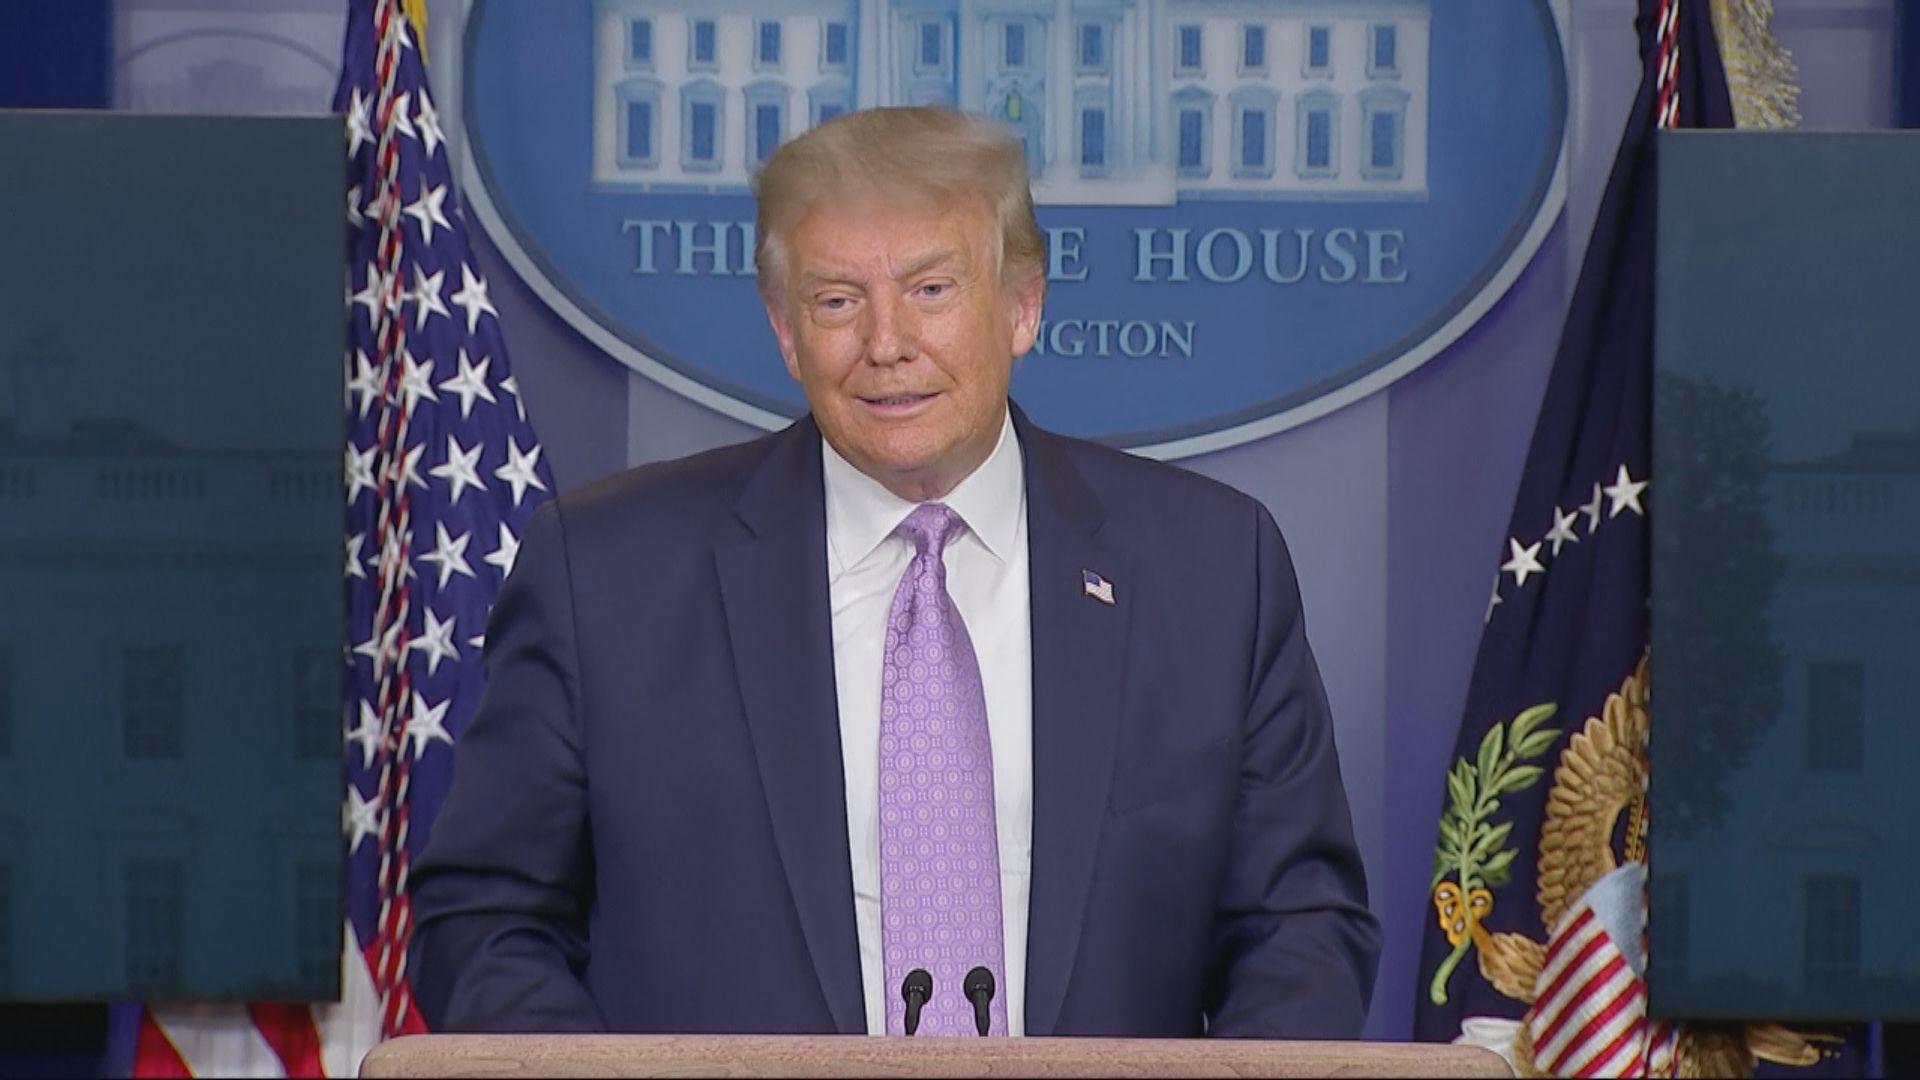 特朗普擬在白宮發表接受共和黨總統提名演說 惟或違法